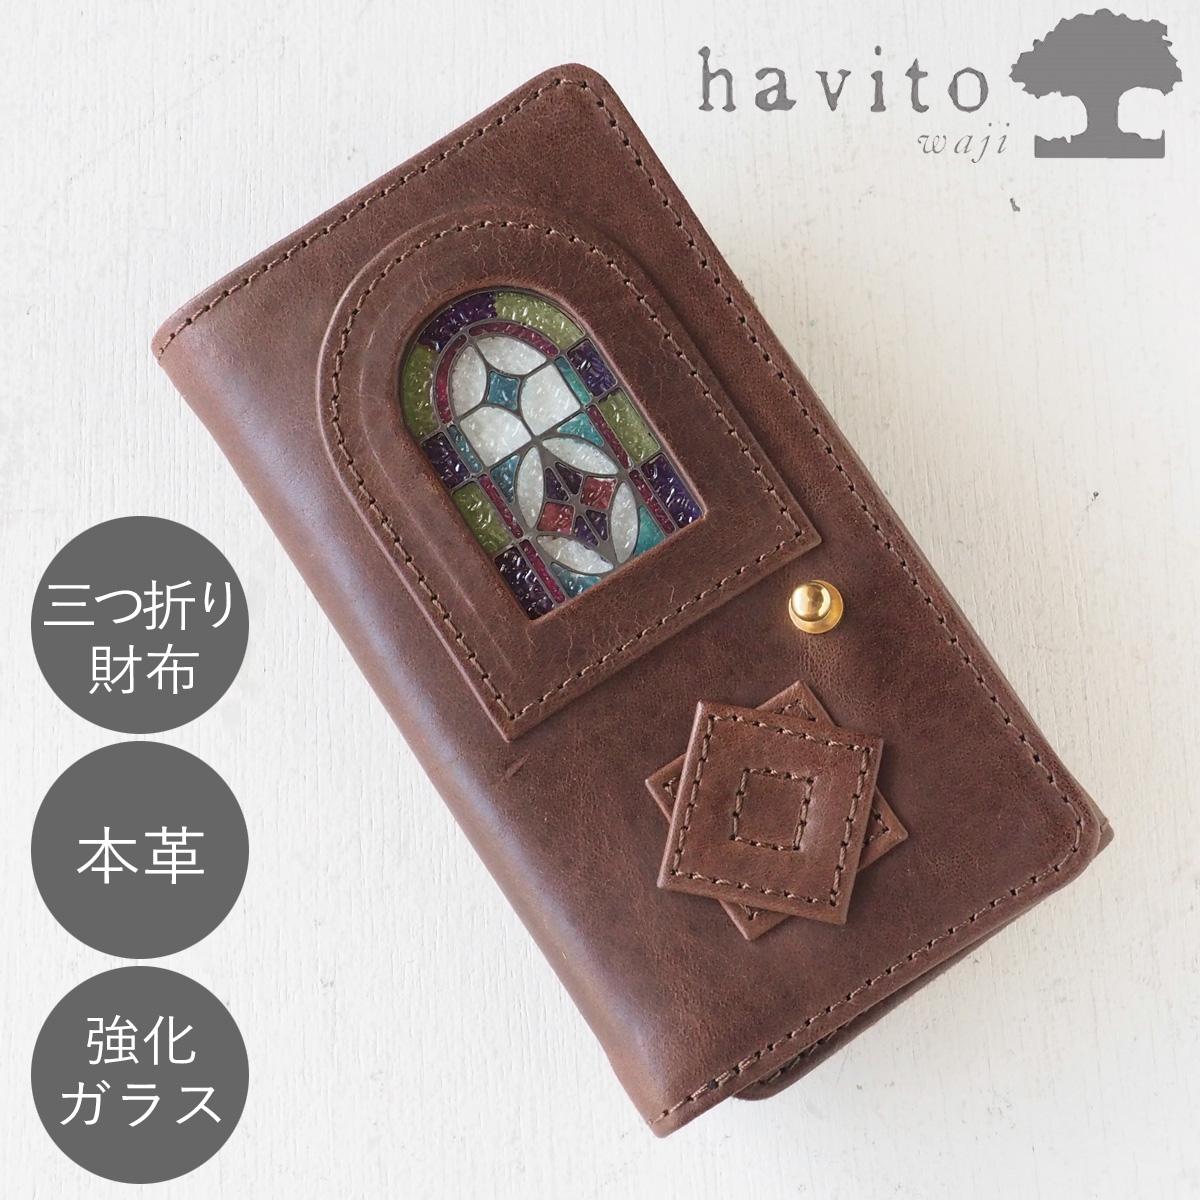 havito(ハビト) glart 三つ折り財布 デザイン硝子×オイルレザー アンティークドア ブラウン [H0212-BR]